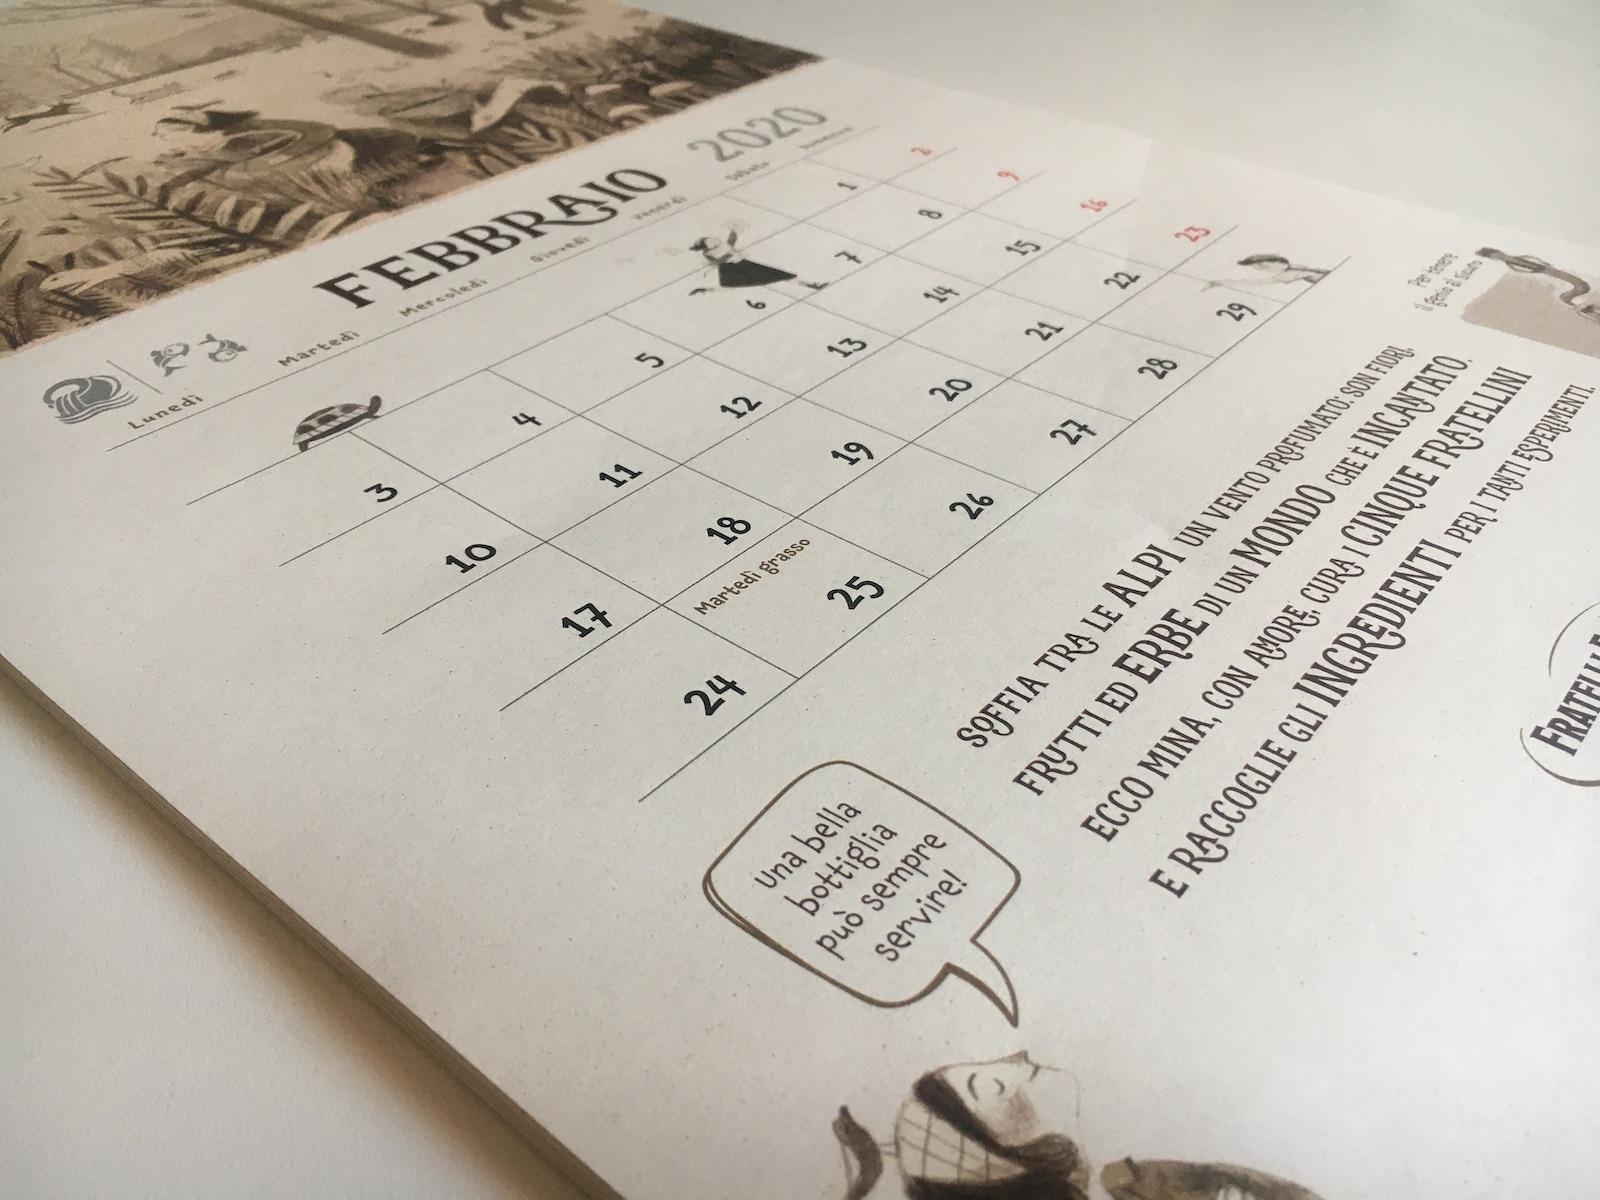 Le Ricette della Zia Mina - Calendario - Soffia il vento tra le Alpi